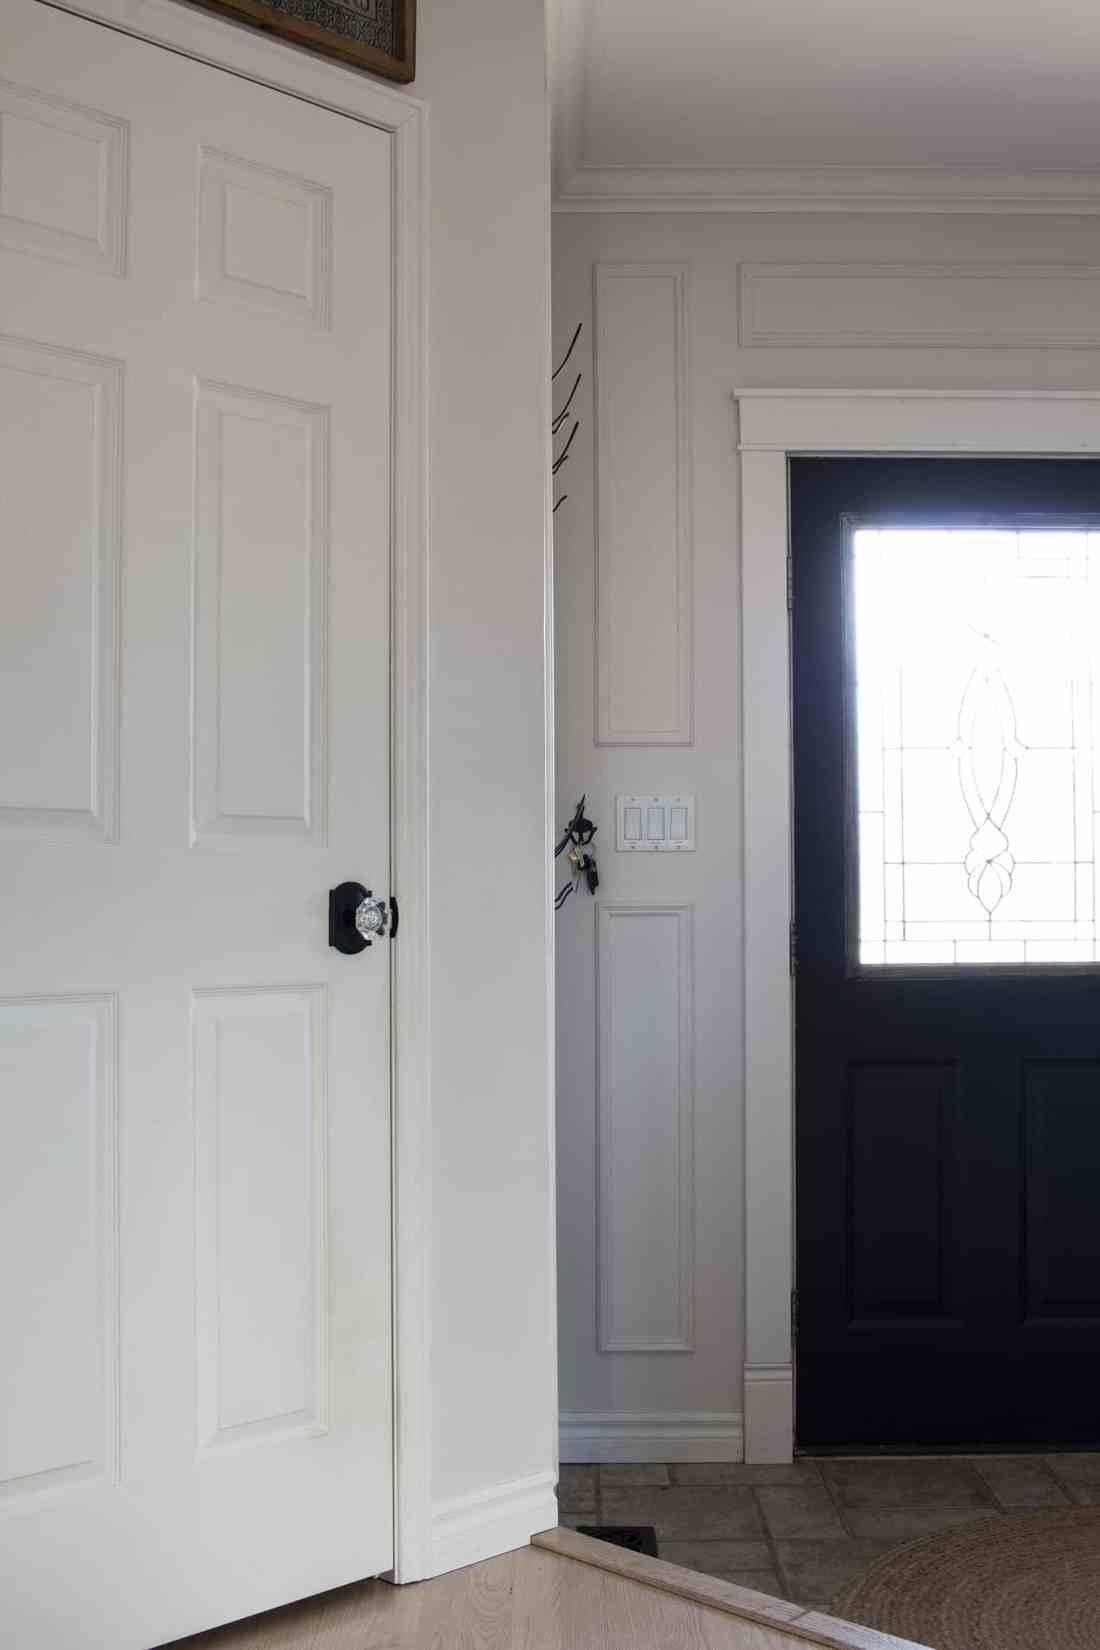 new knob on hall closet door